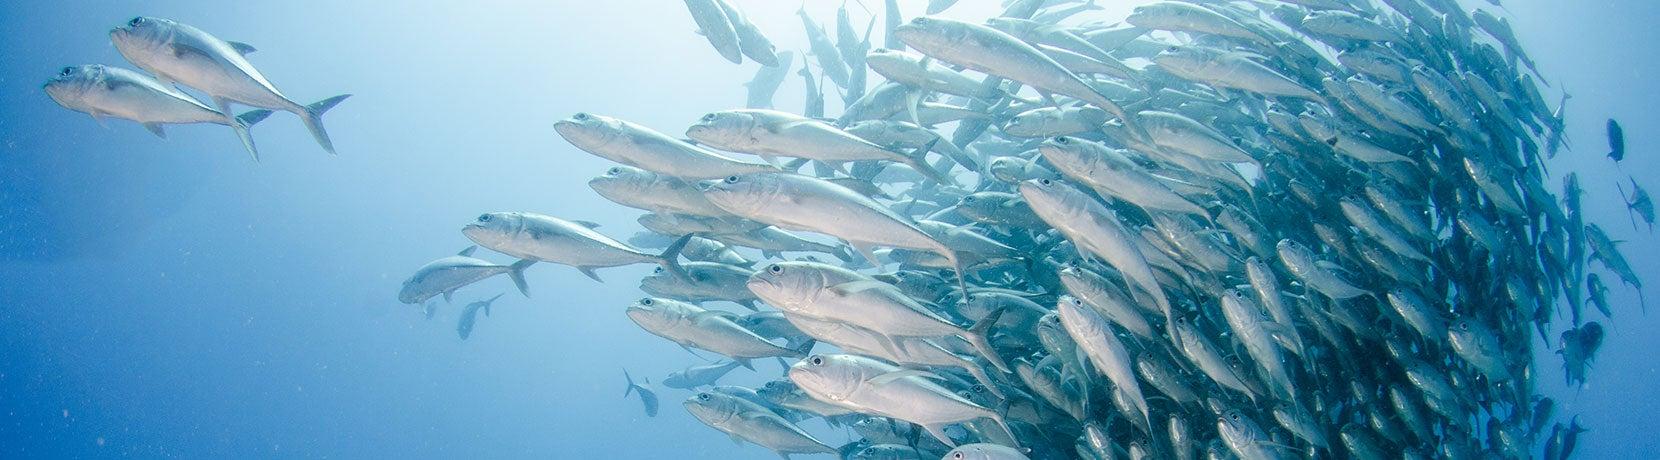 Large Marine Ecosystem